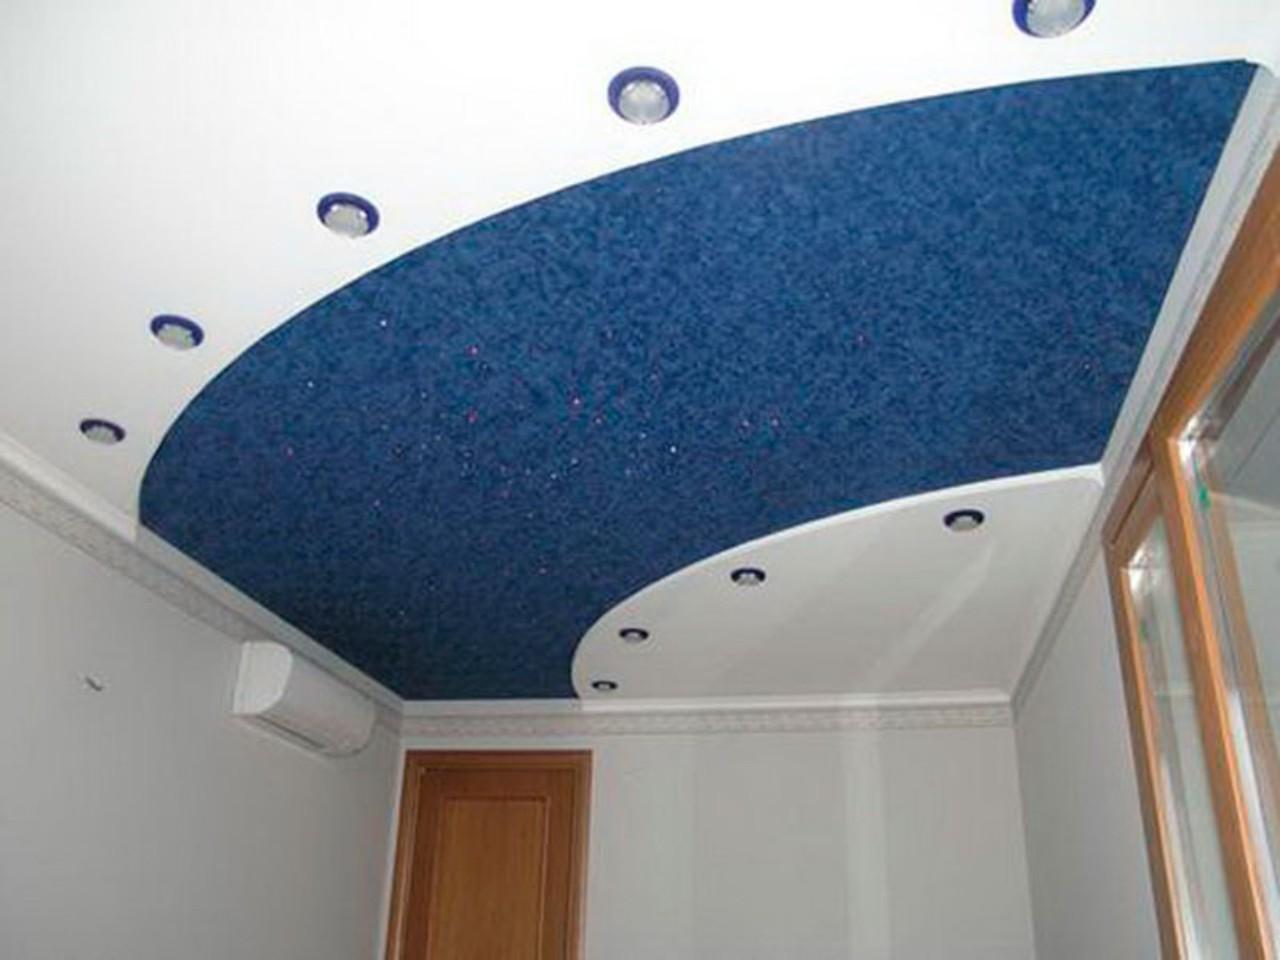 Двухуровневый стильный криволинейный потолок с точечными светильниками мощностью 8 Вт